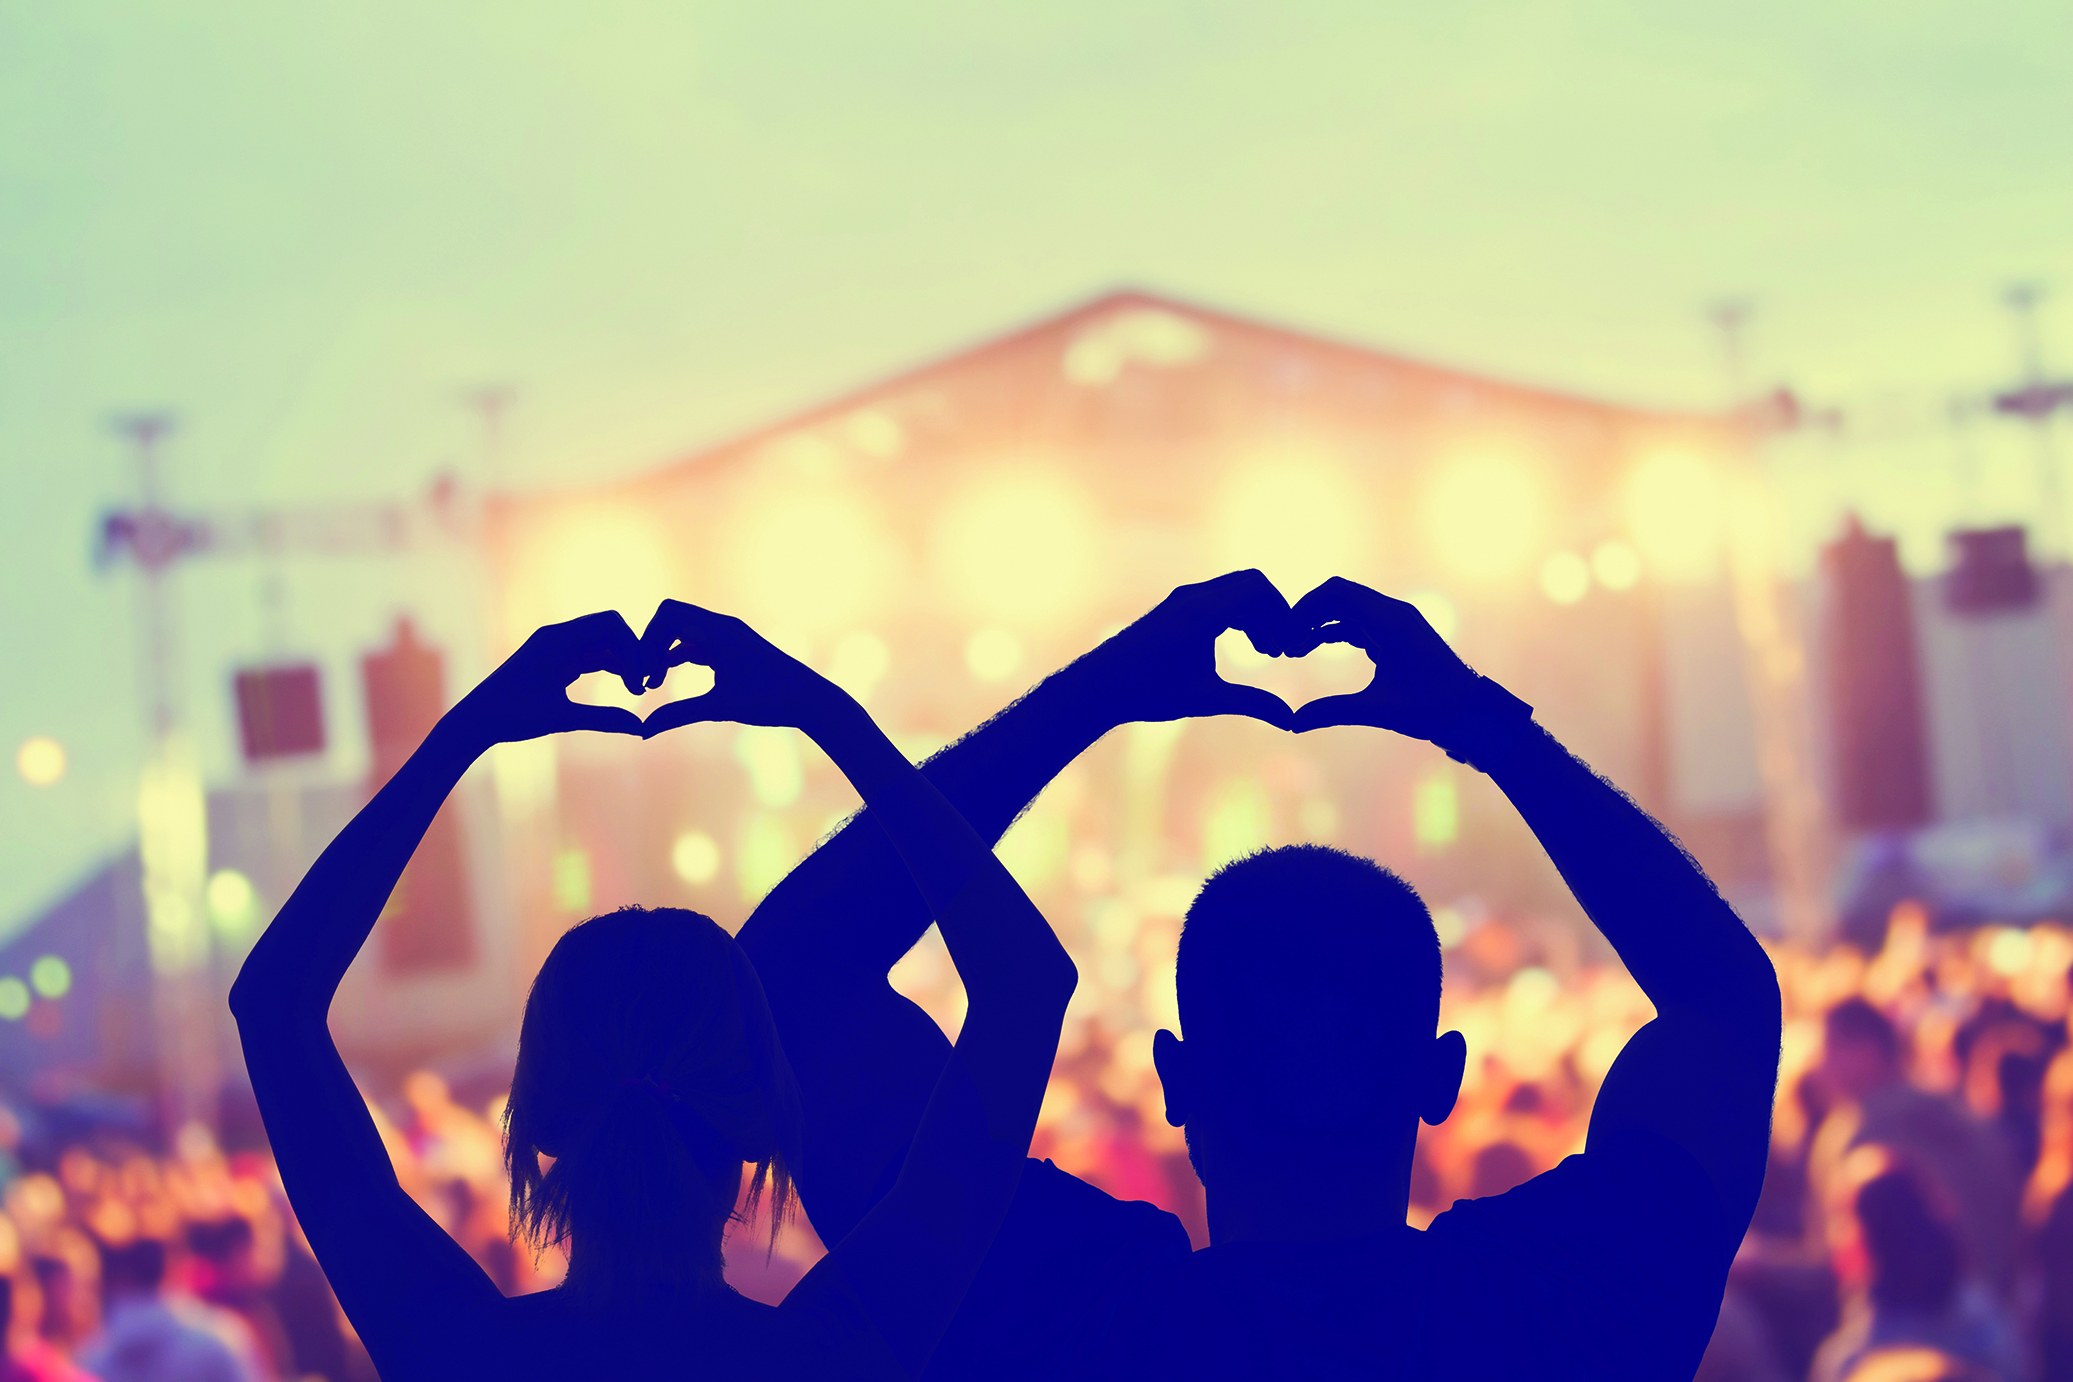 music lover-1